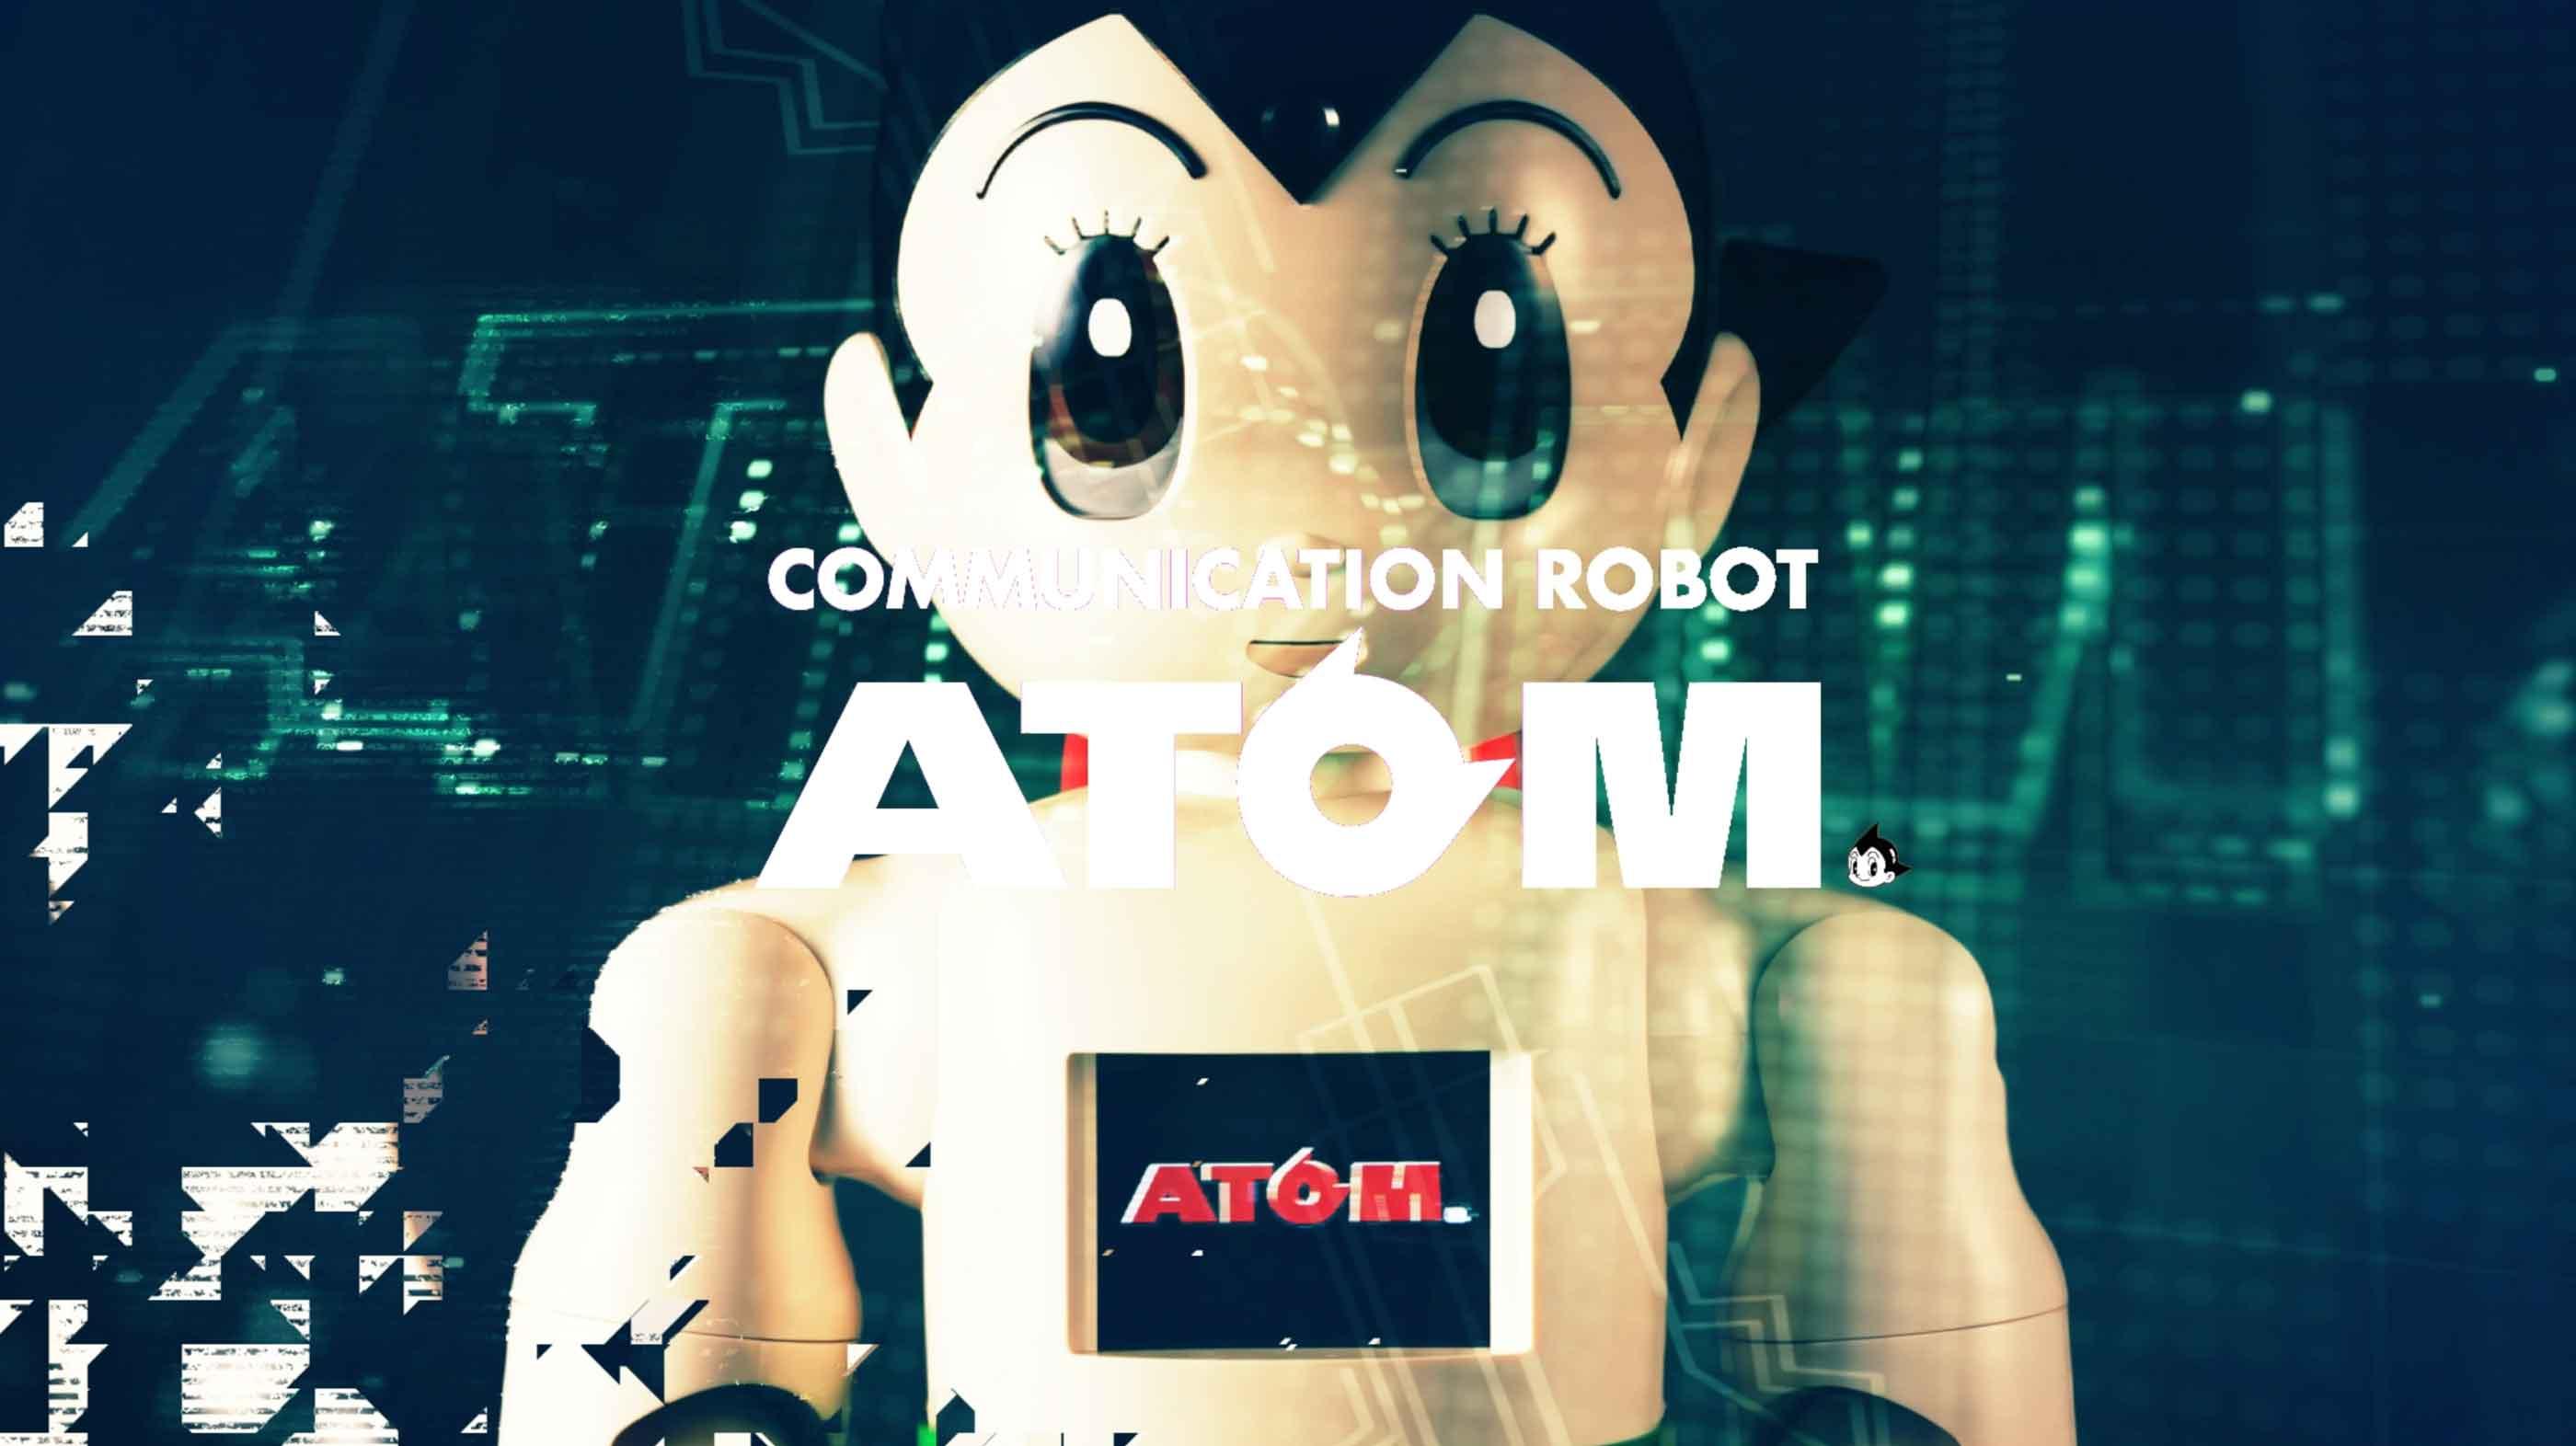 株式会社講談社「コニュニケーションロボット・ATOM PV」の制作デザインイメージ